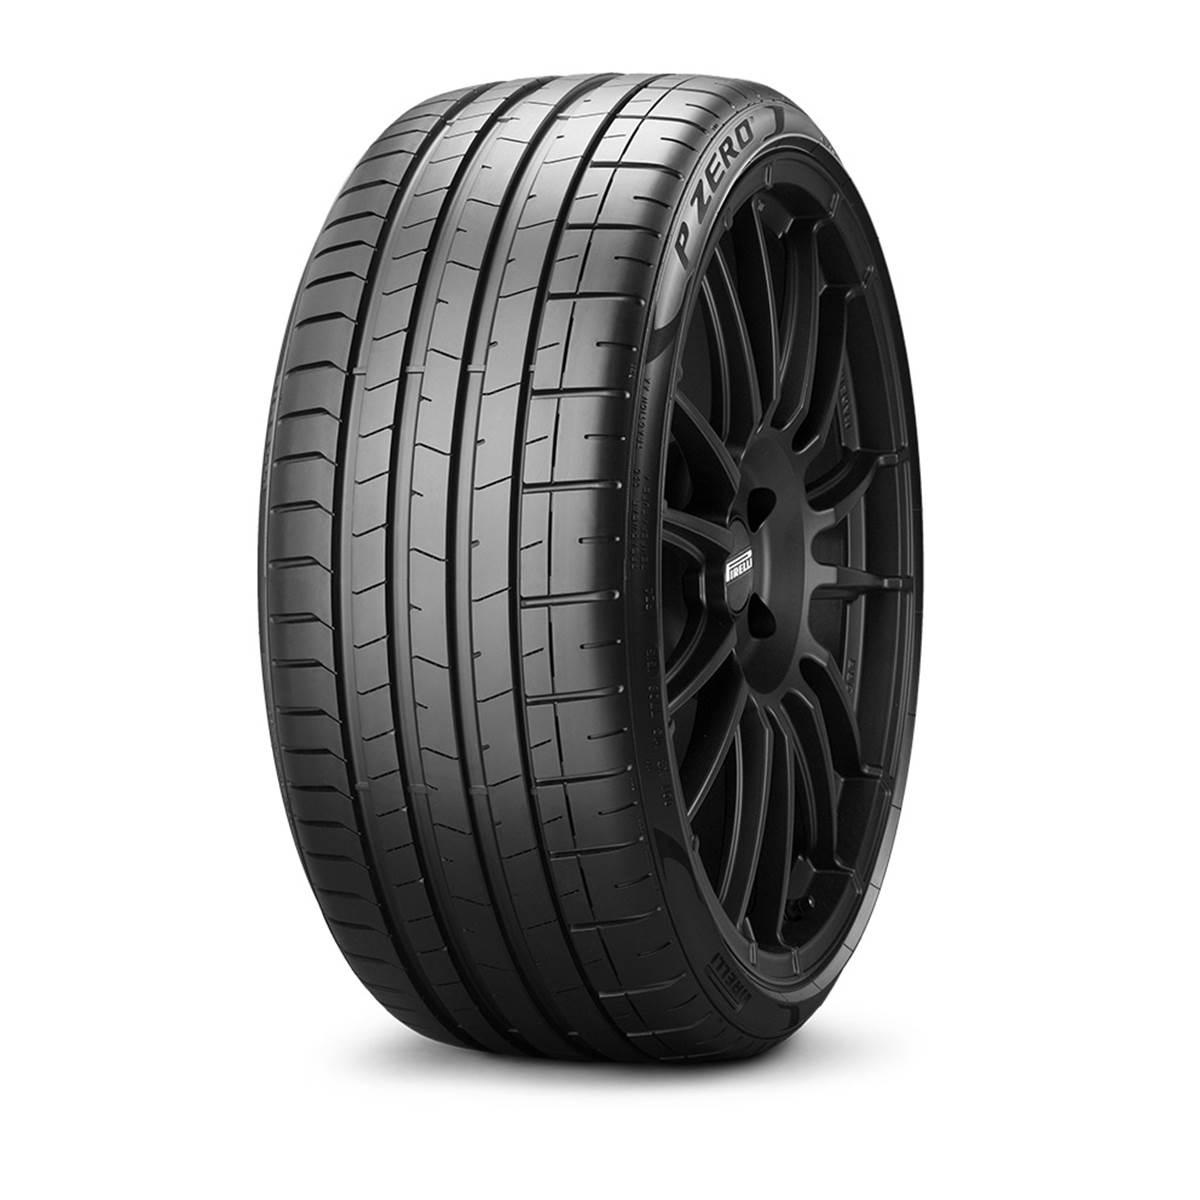 Pneu Pirelli 275/40R19 101Y Pzero